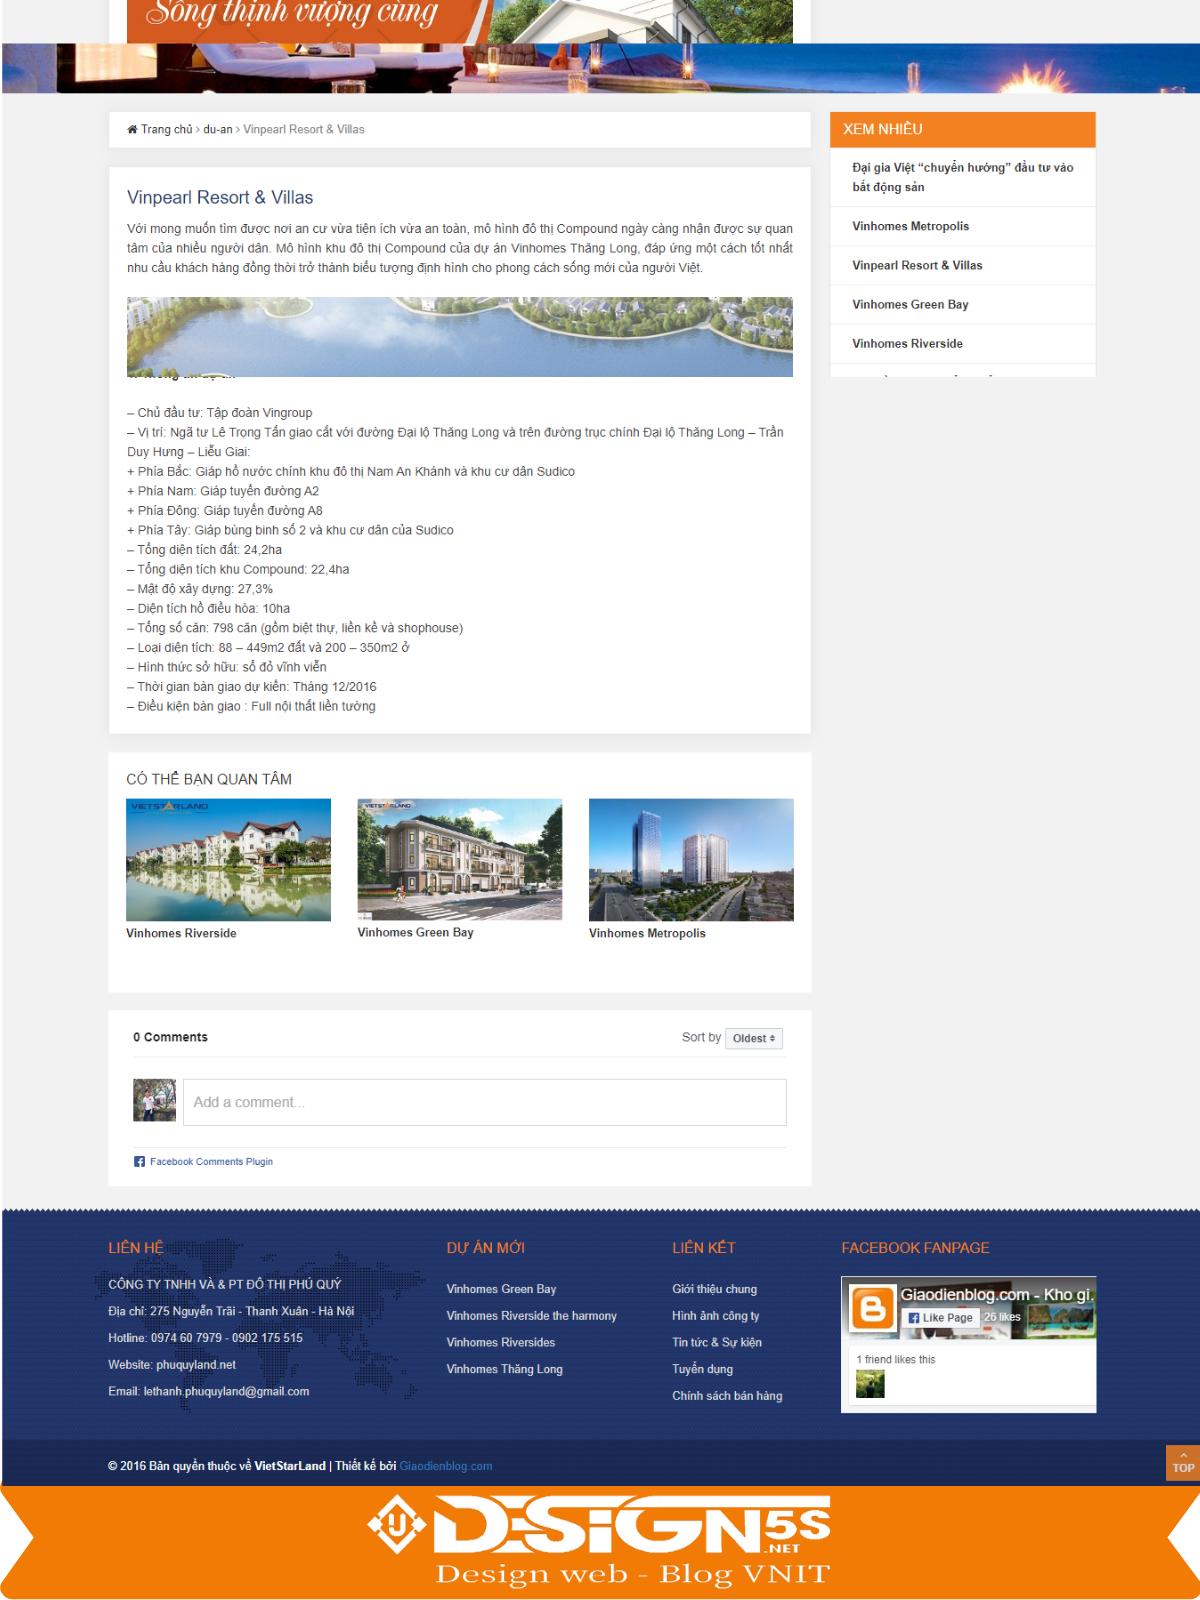 Mẫu website bất động sản Vietstarland Chuyên Nghiệp - Ảnh 2